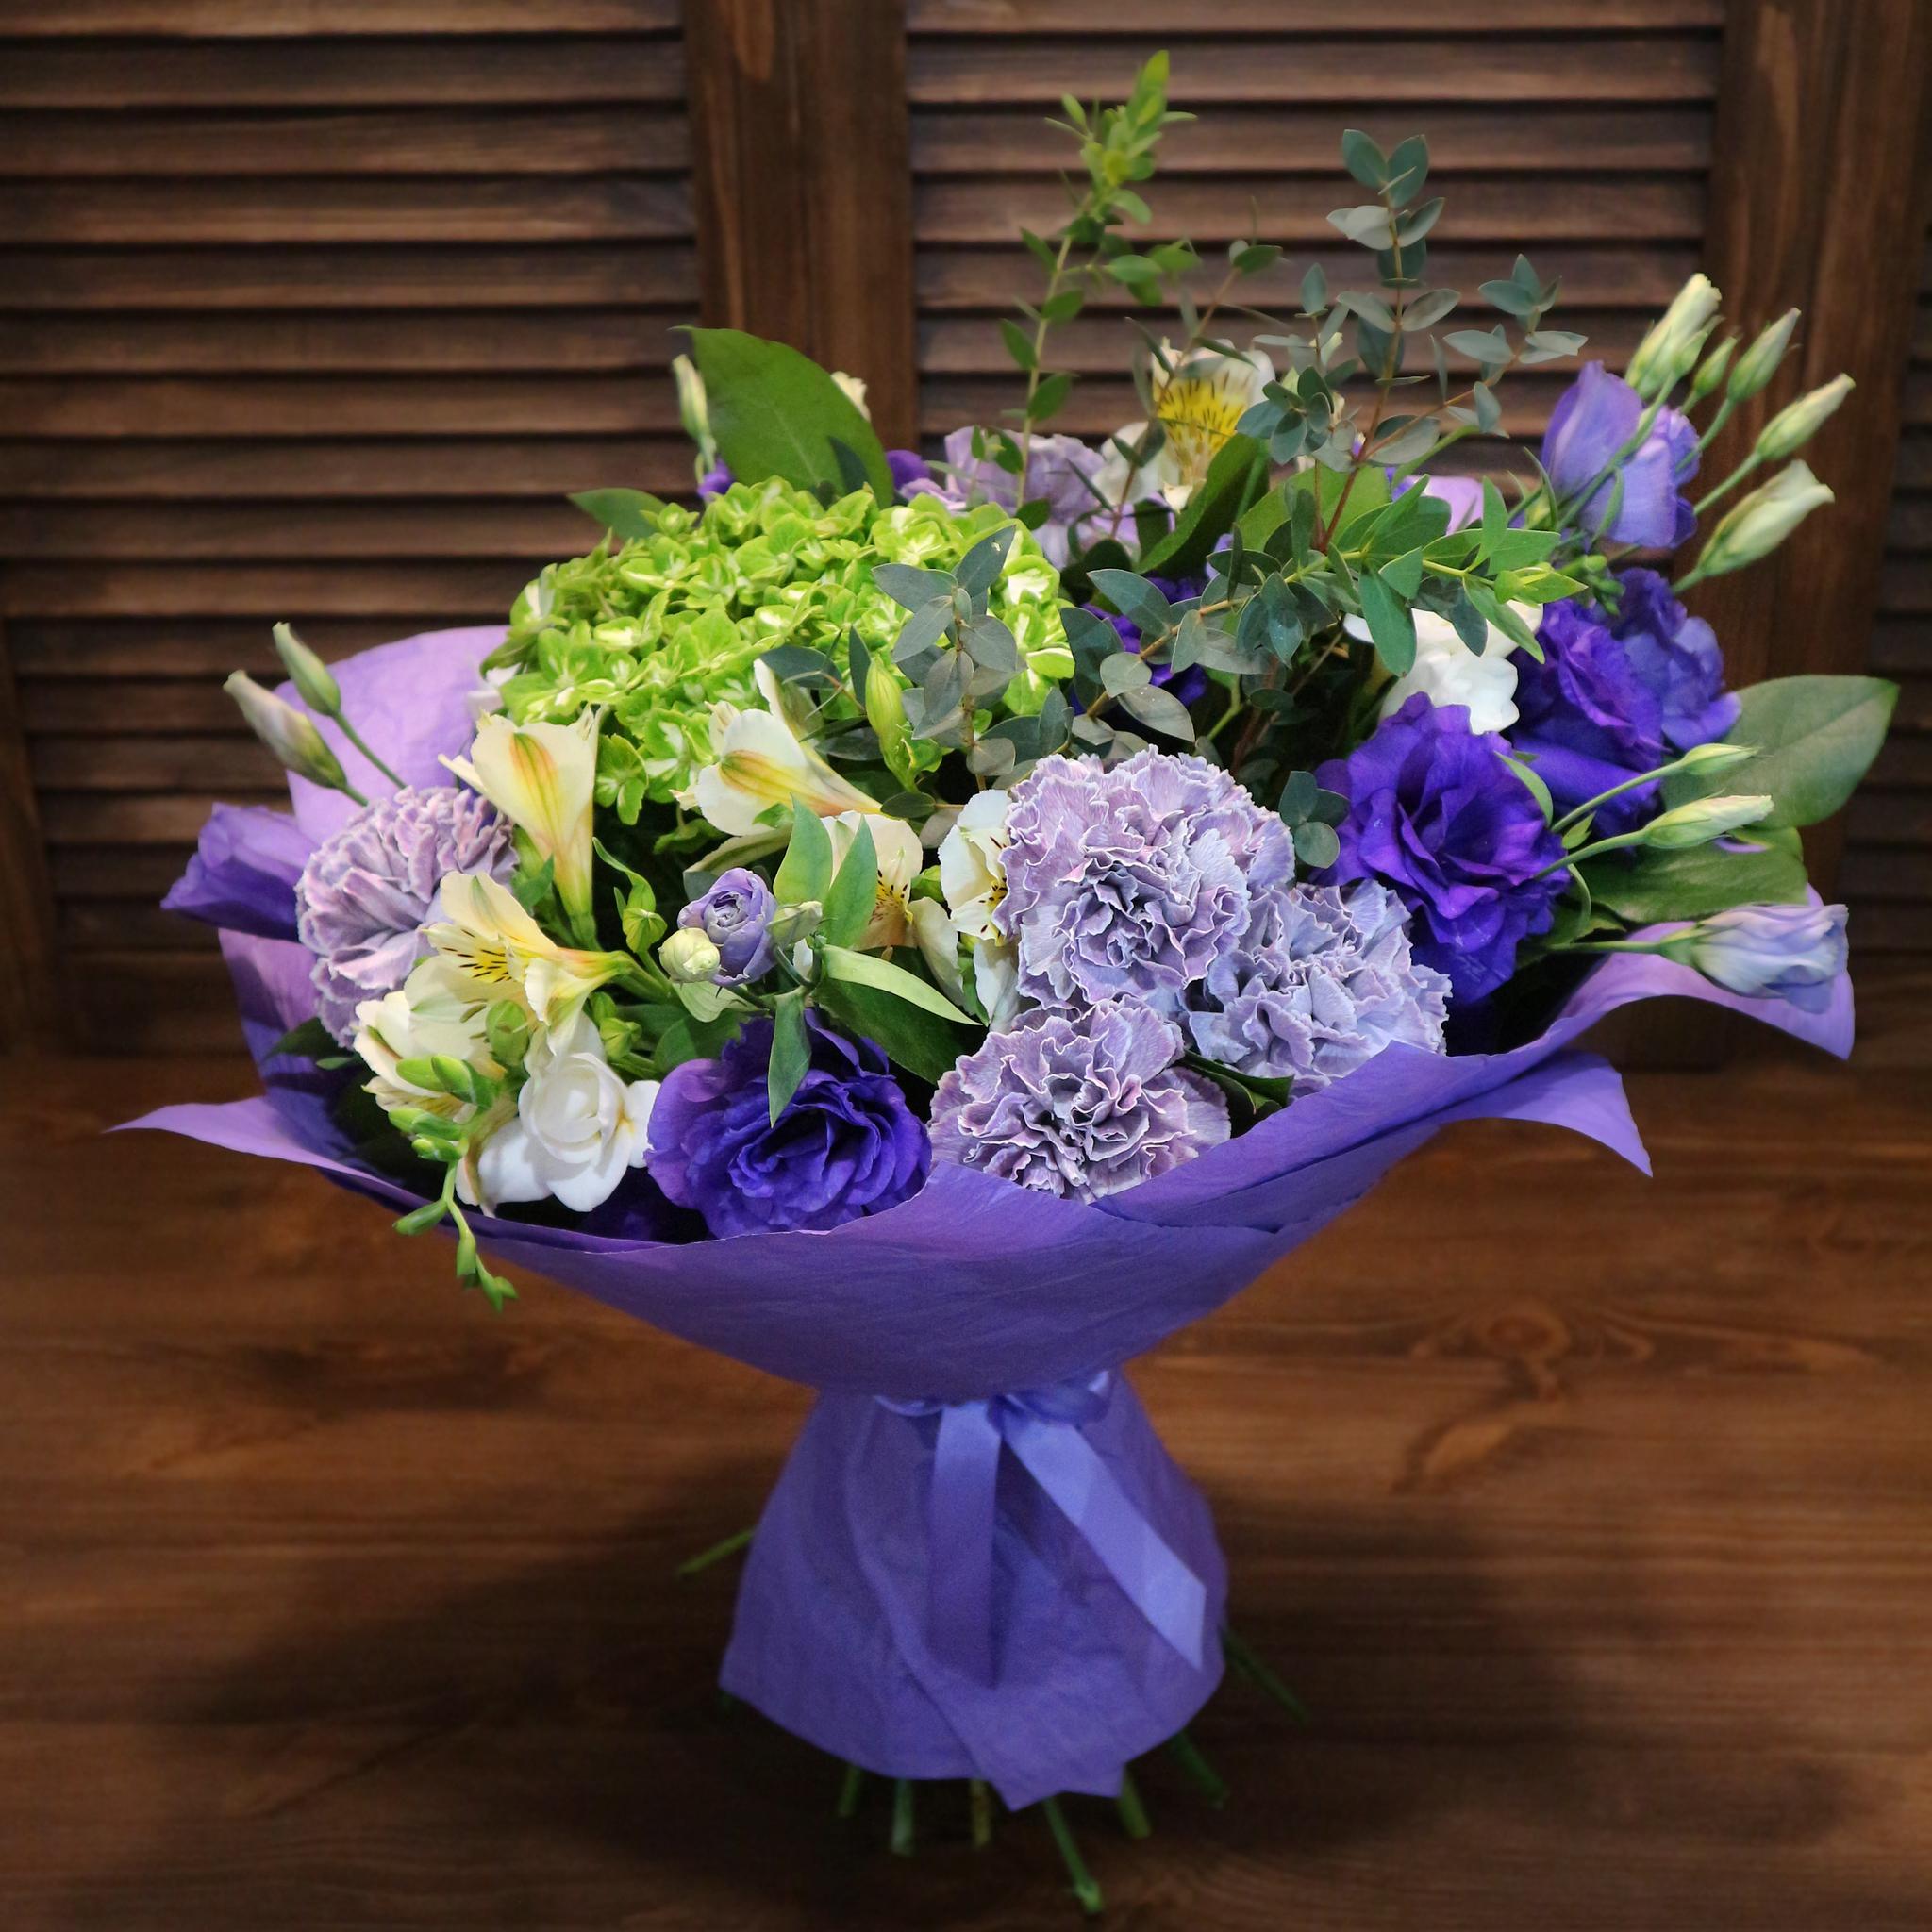 Купить букет в Перми. Зеленая гортензия фиолетовый диантус Блэк Молли белая фрезия эустома альстромерия эвкалипт